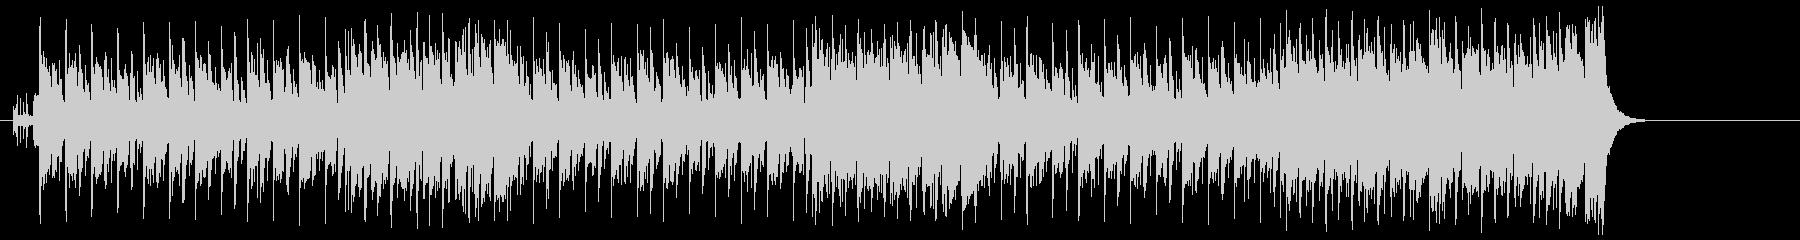 楽しさ満点の少しコミカルなタイトルBGMの未再生の波形